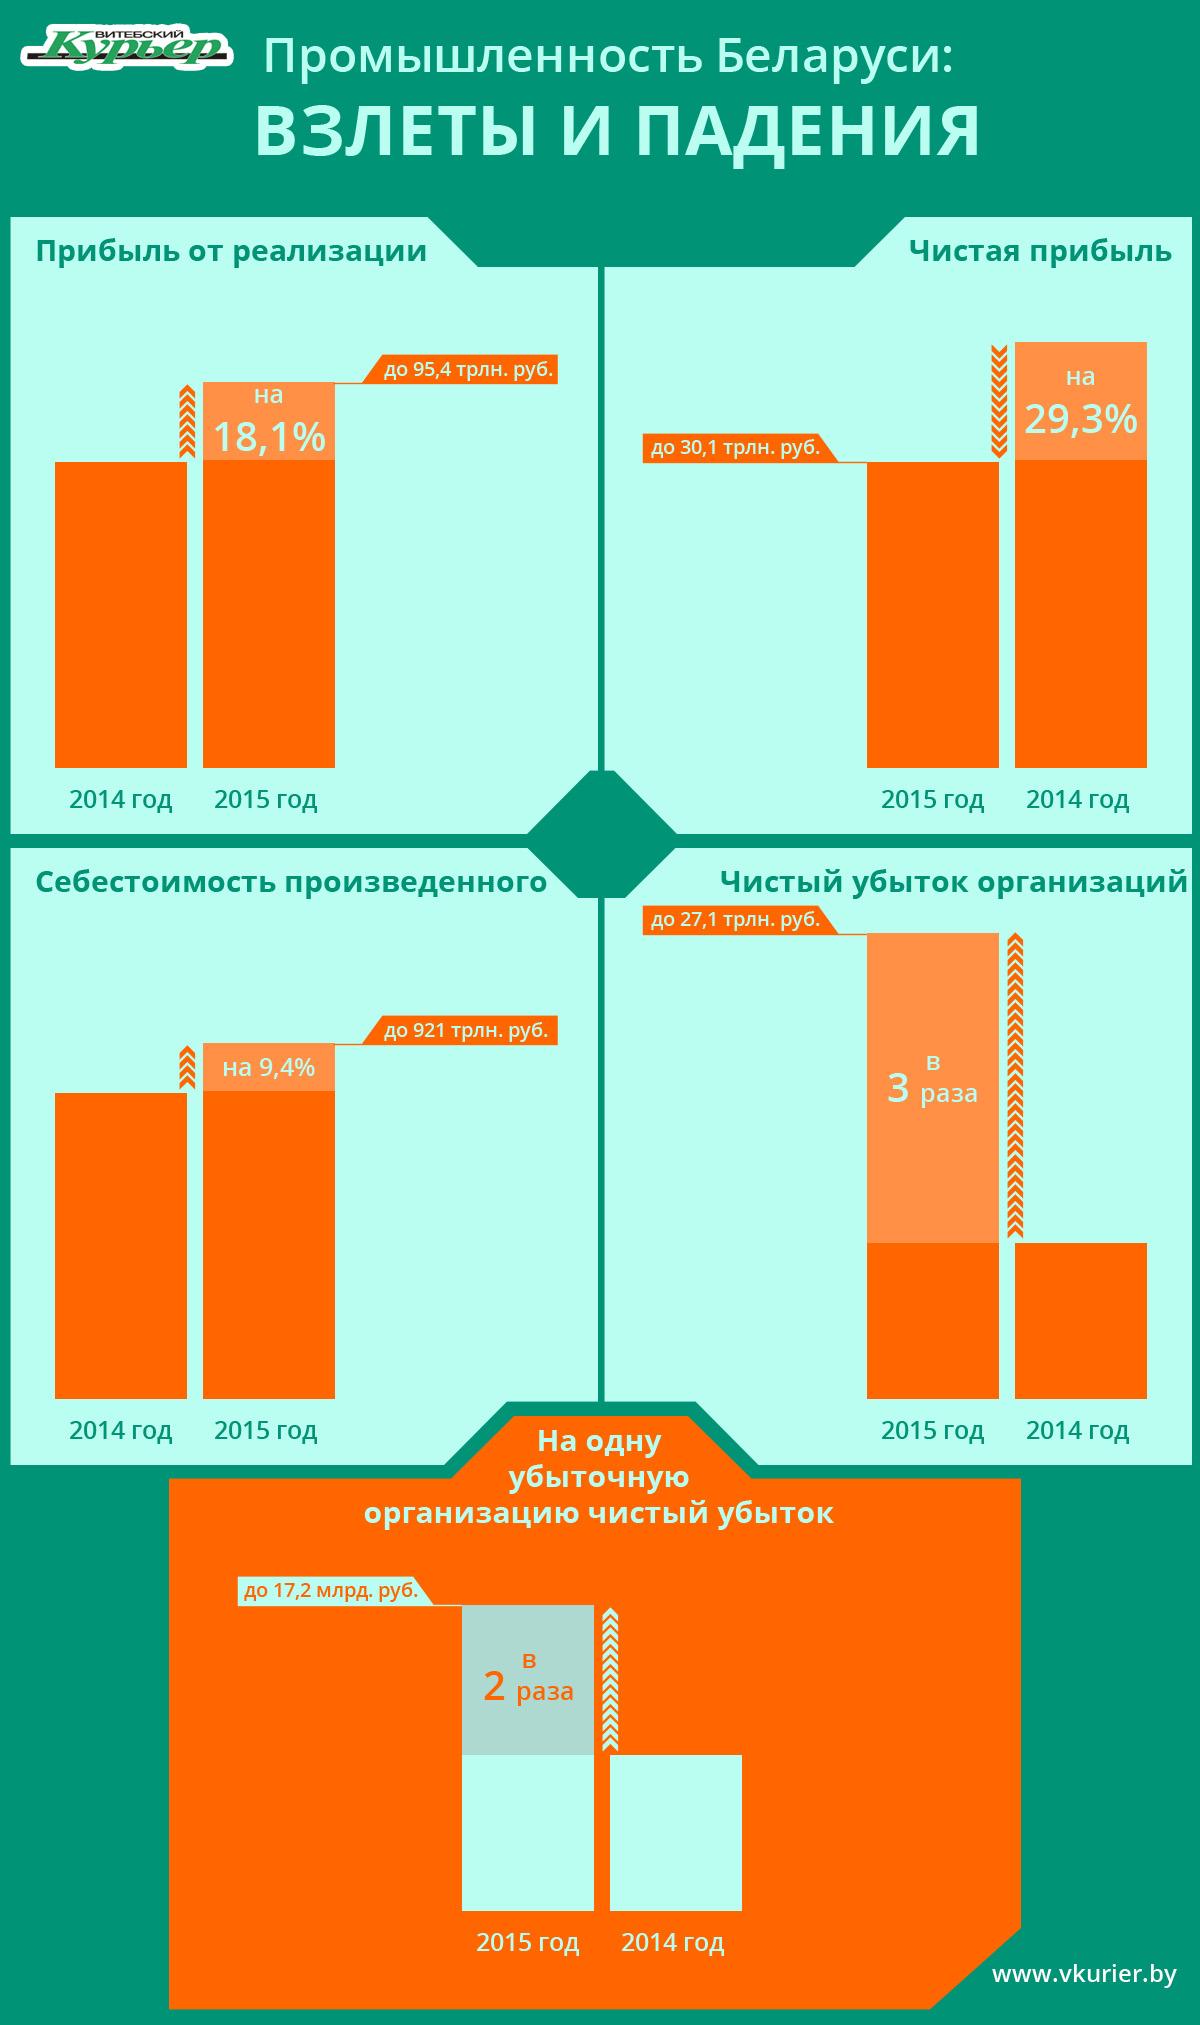 Взлеты и падения экономики - INF_42